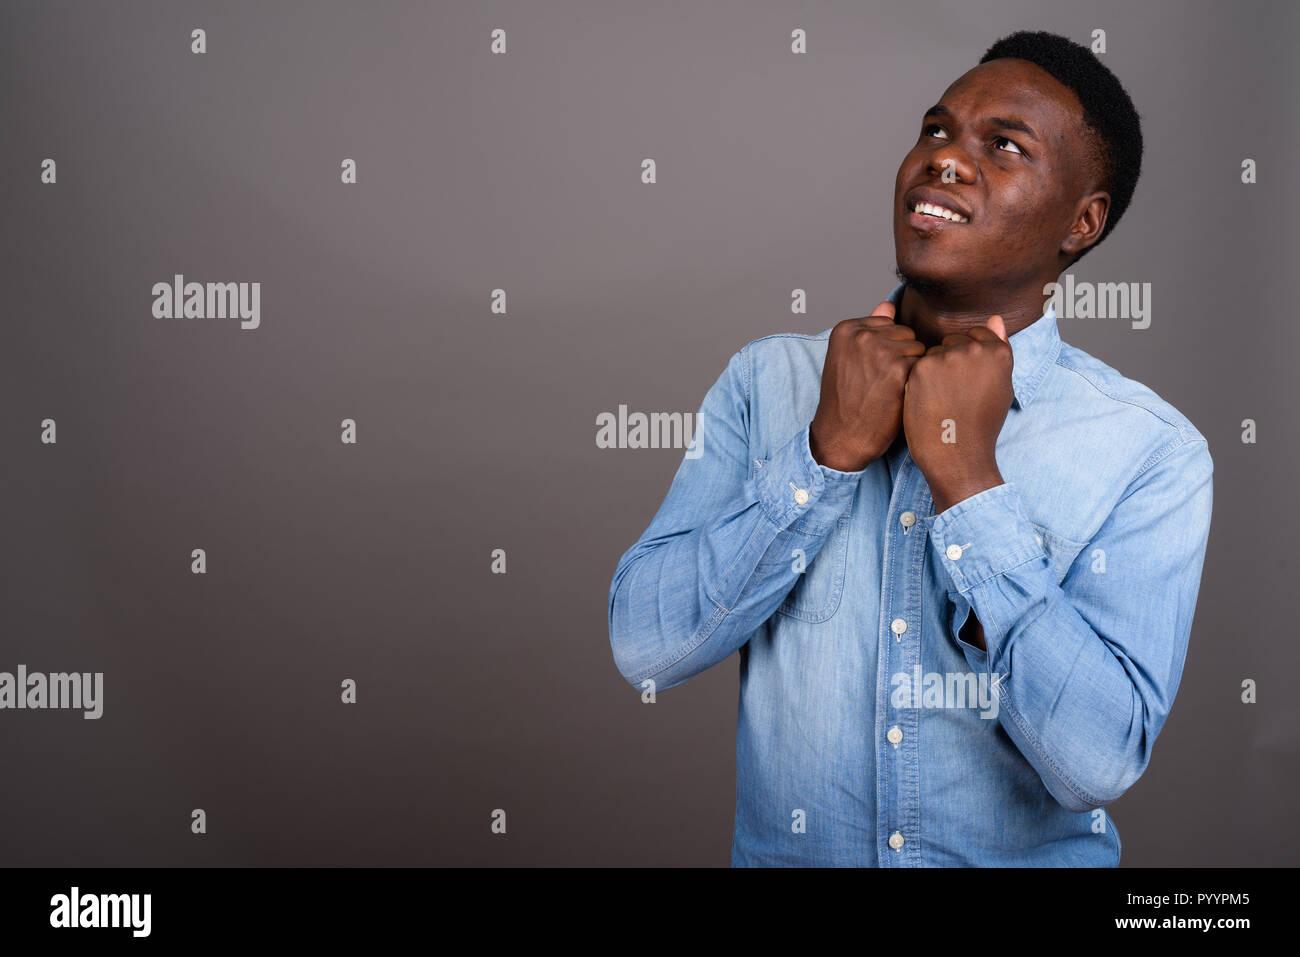 Junge afrikanische Mann tragen Jeanshemd gegen grauer Hintergrund Stockbild